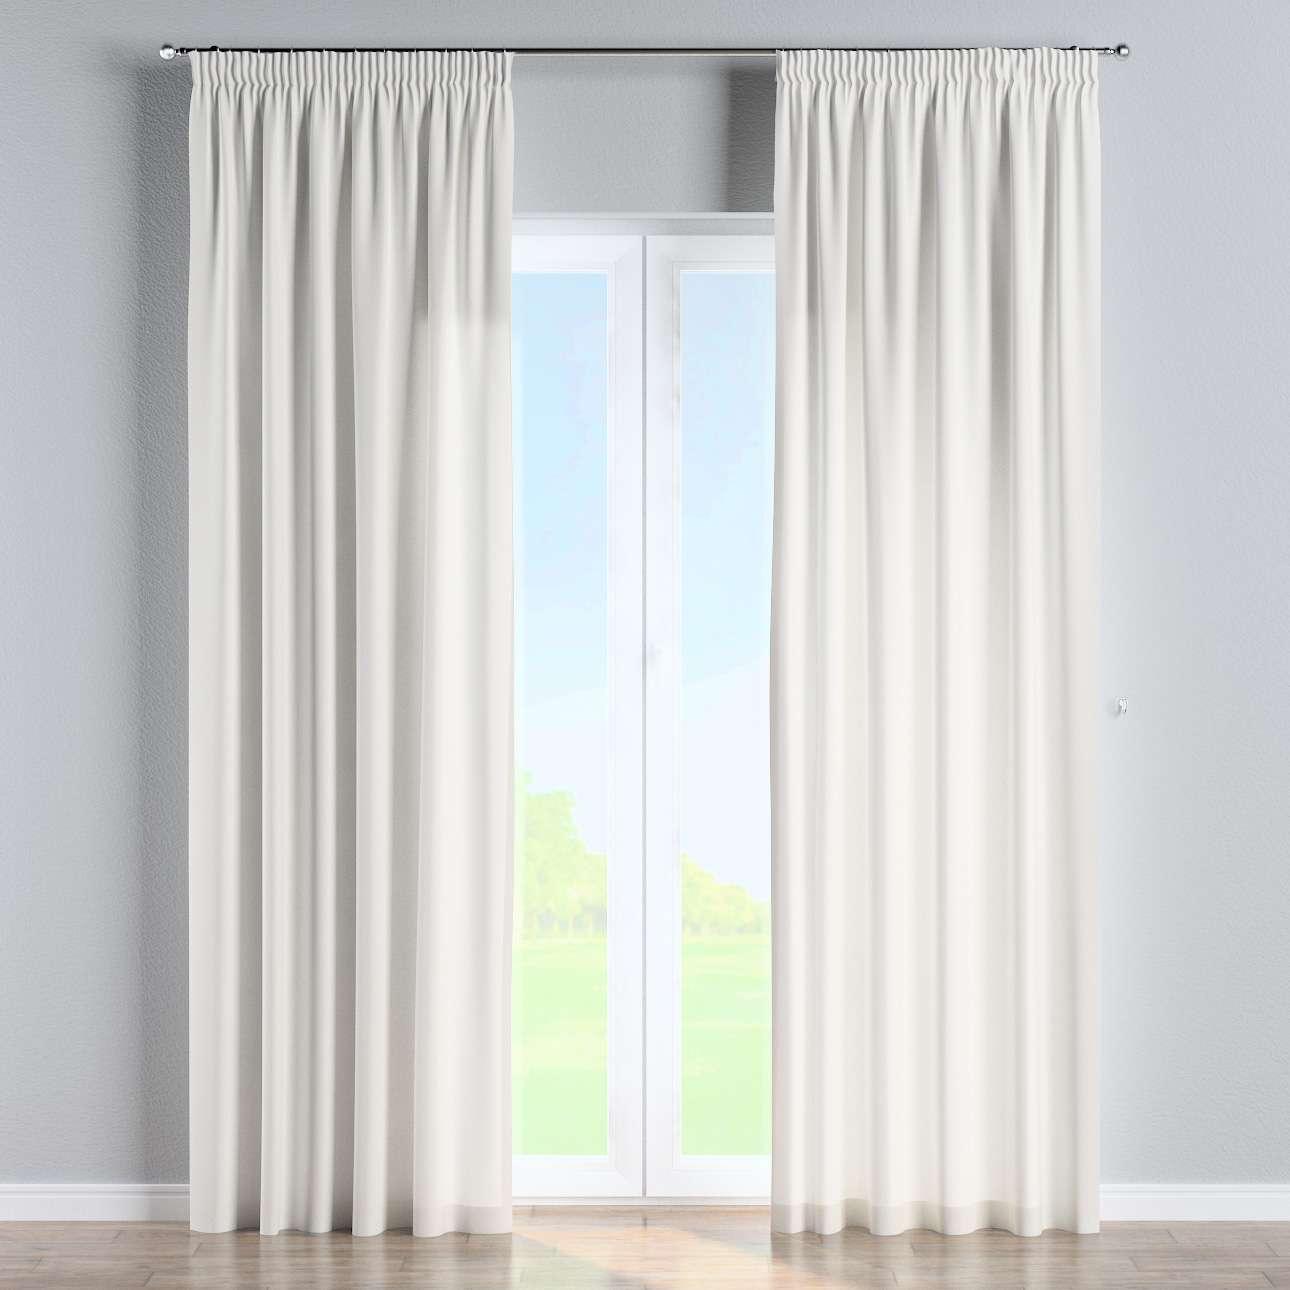 Függöny ráncolóval 130 x 260 cm a kollekcióból Bútorszövet Cotton Panama, Dekoranyag: 702-34